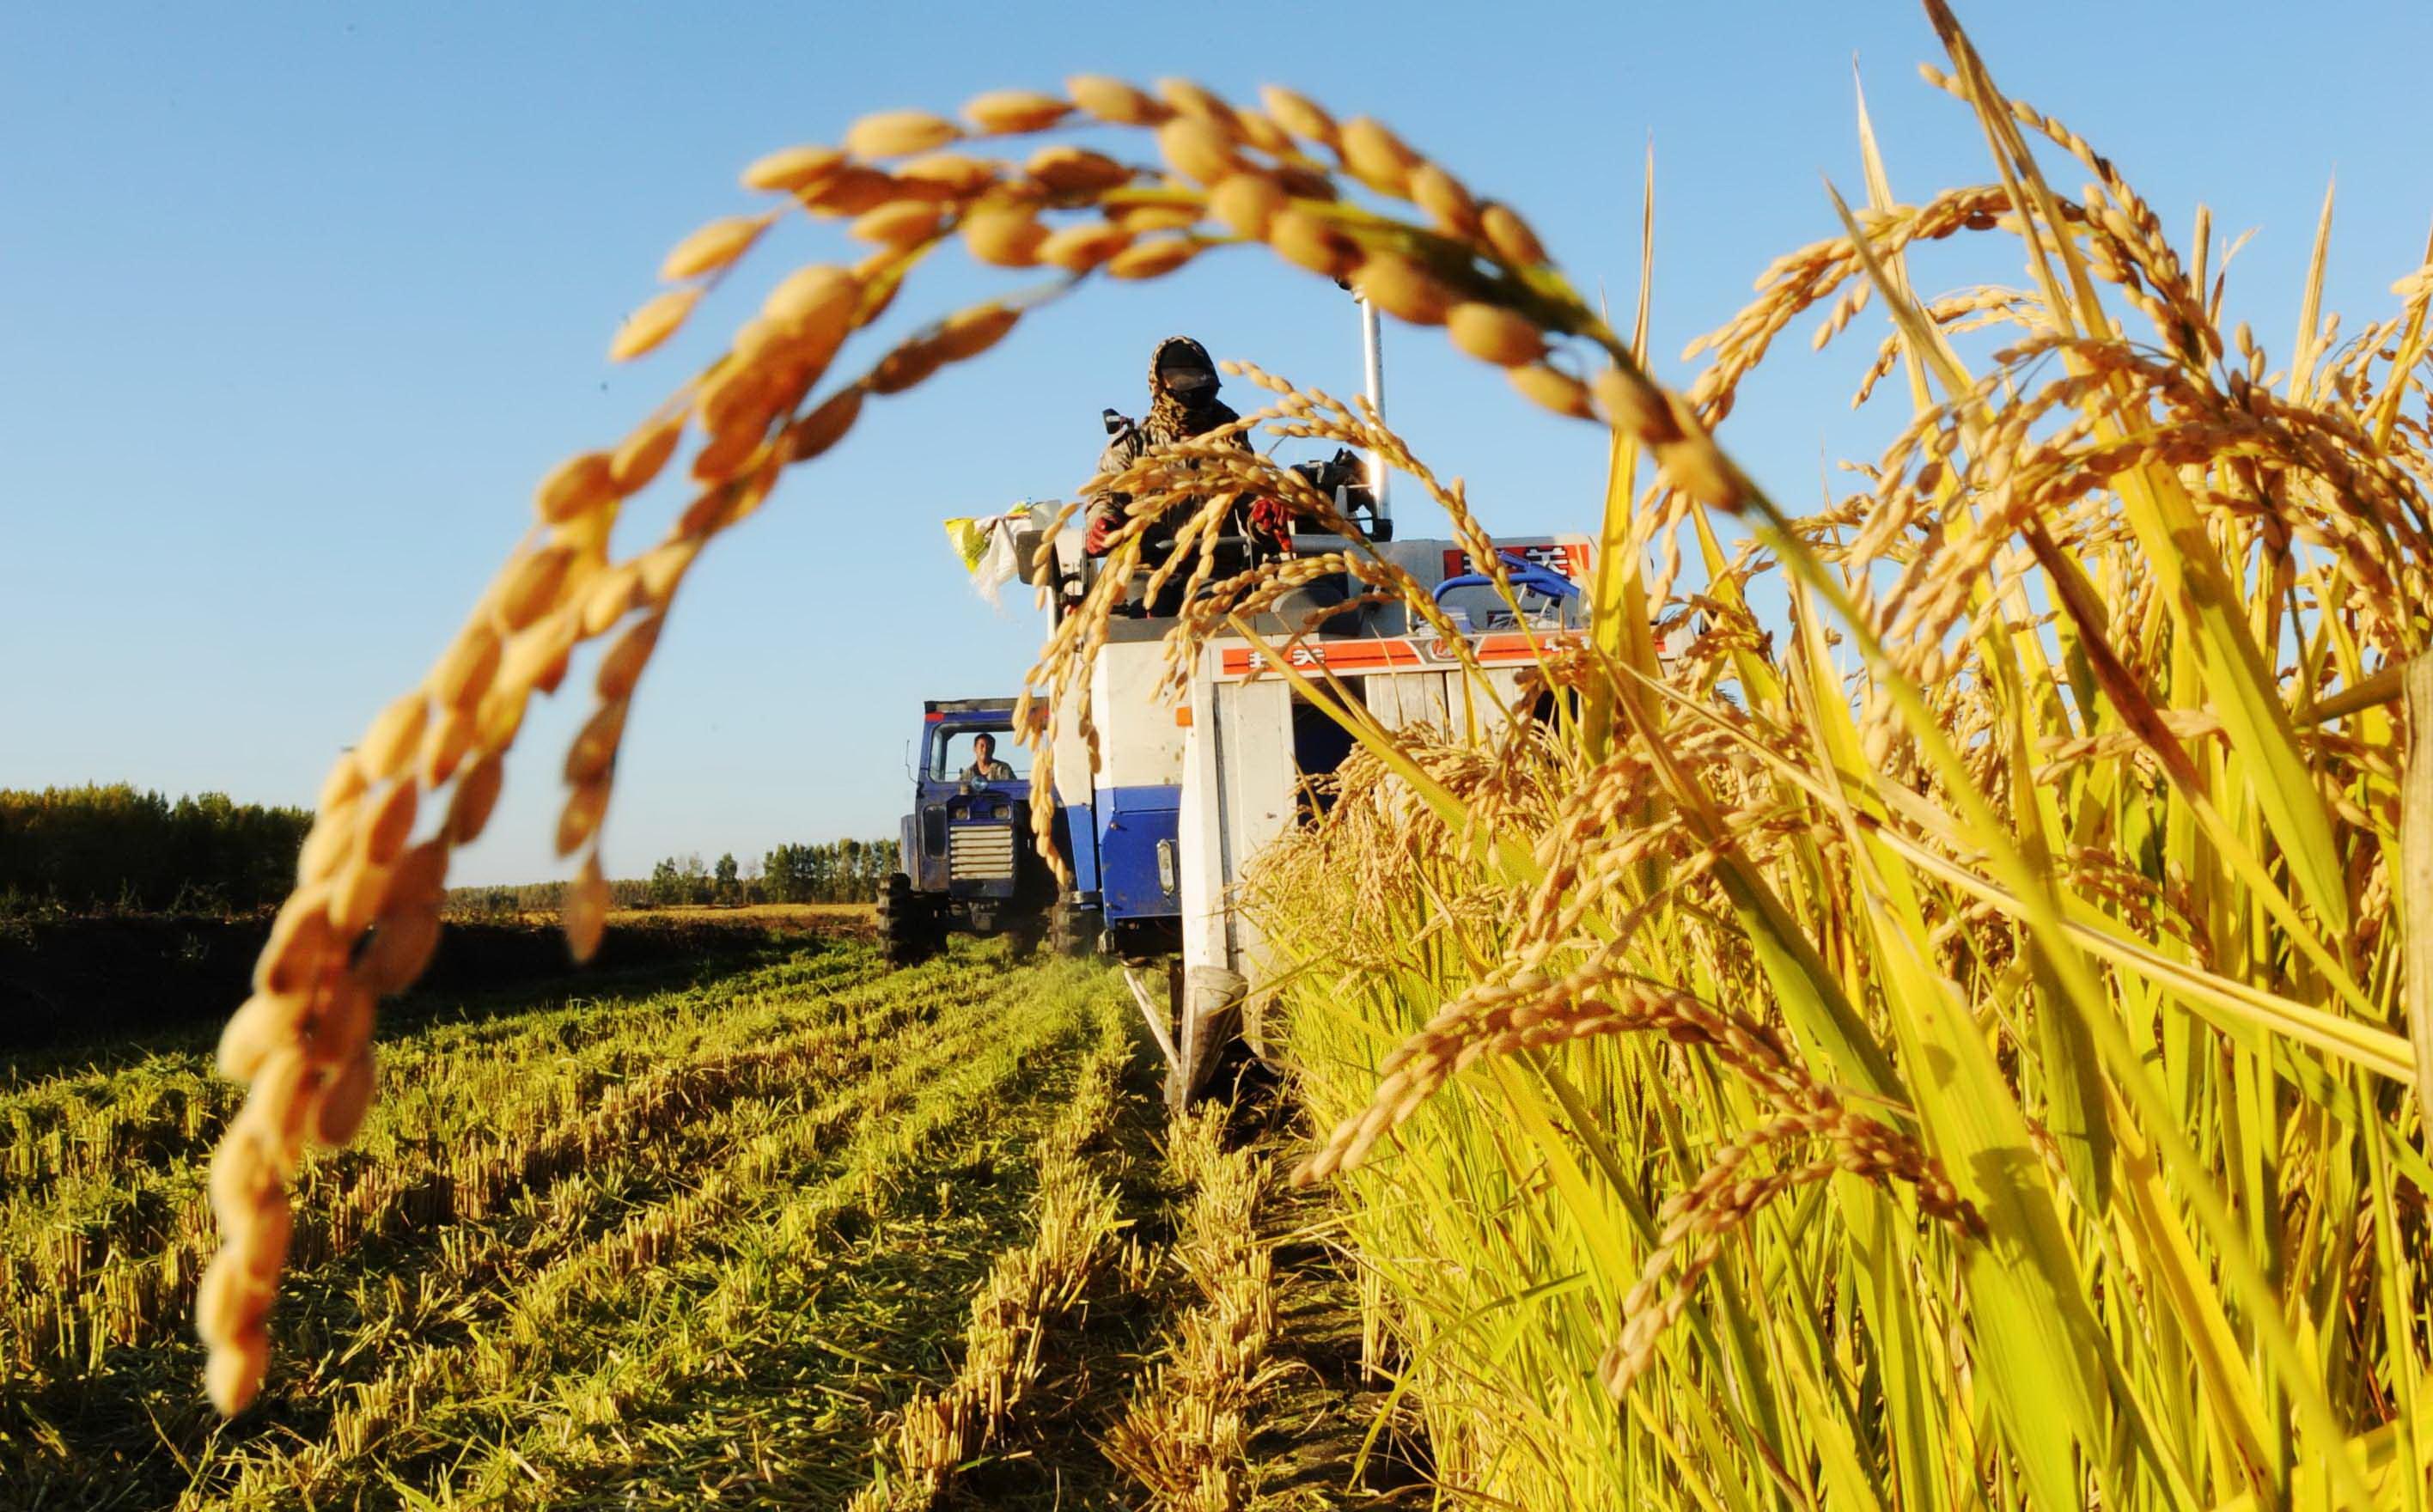 中央农办秘书局副局长解读今明两年三农工作必须完成的硬任务